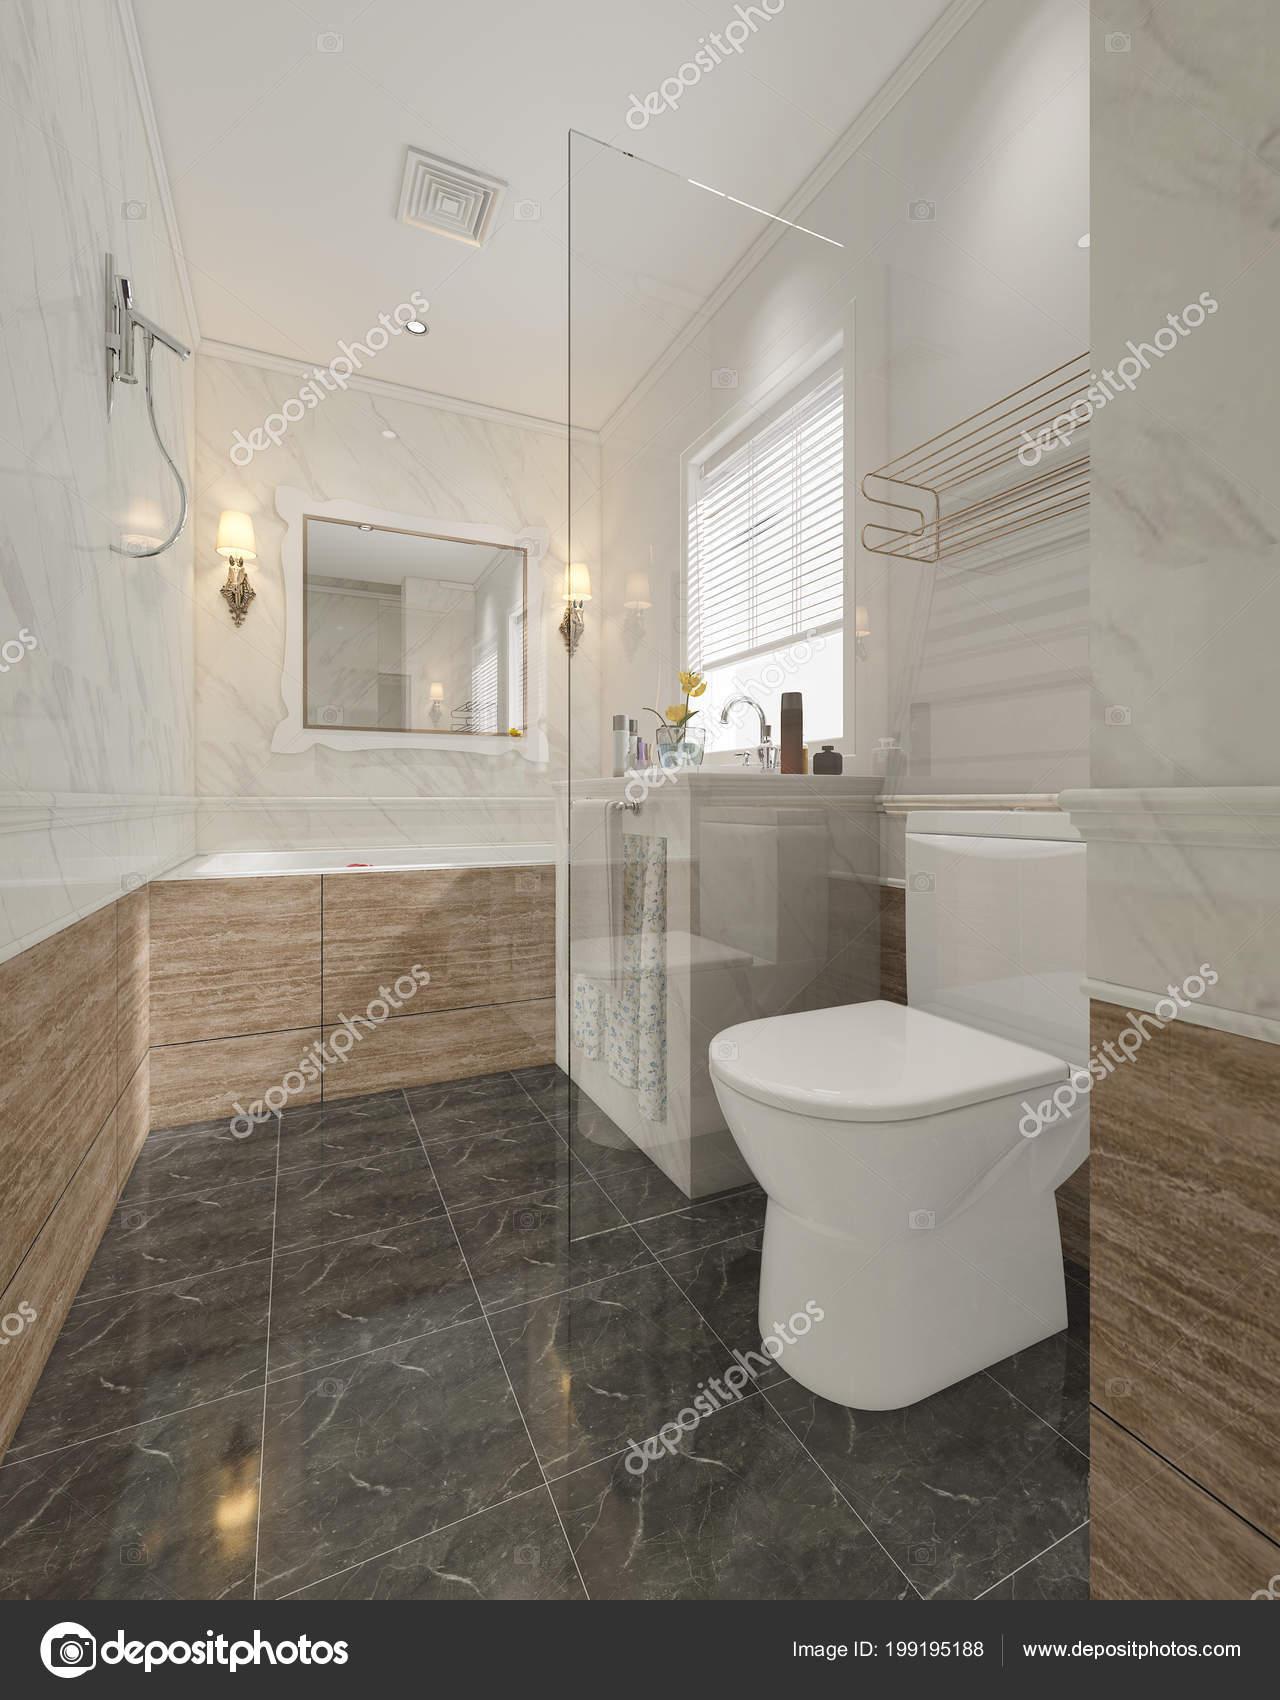 Immagini Piastrelle Bagno Moderno.Piastrelle Bagno Moderno Rendering Con Lusso Arredamento